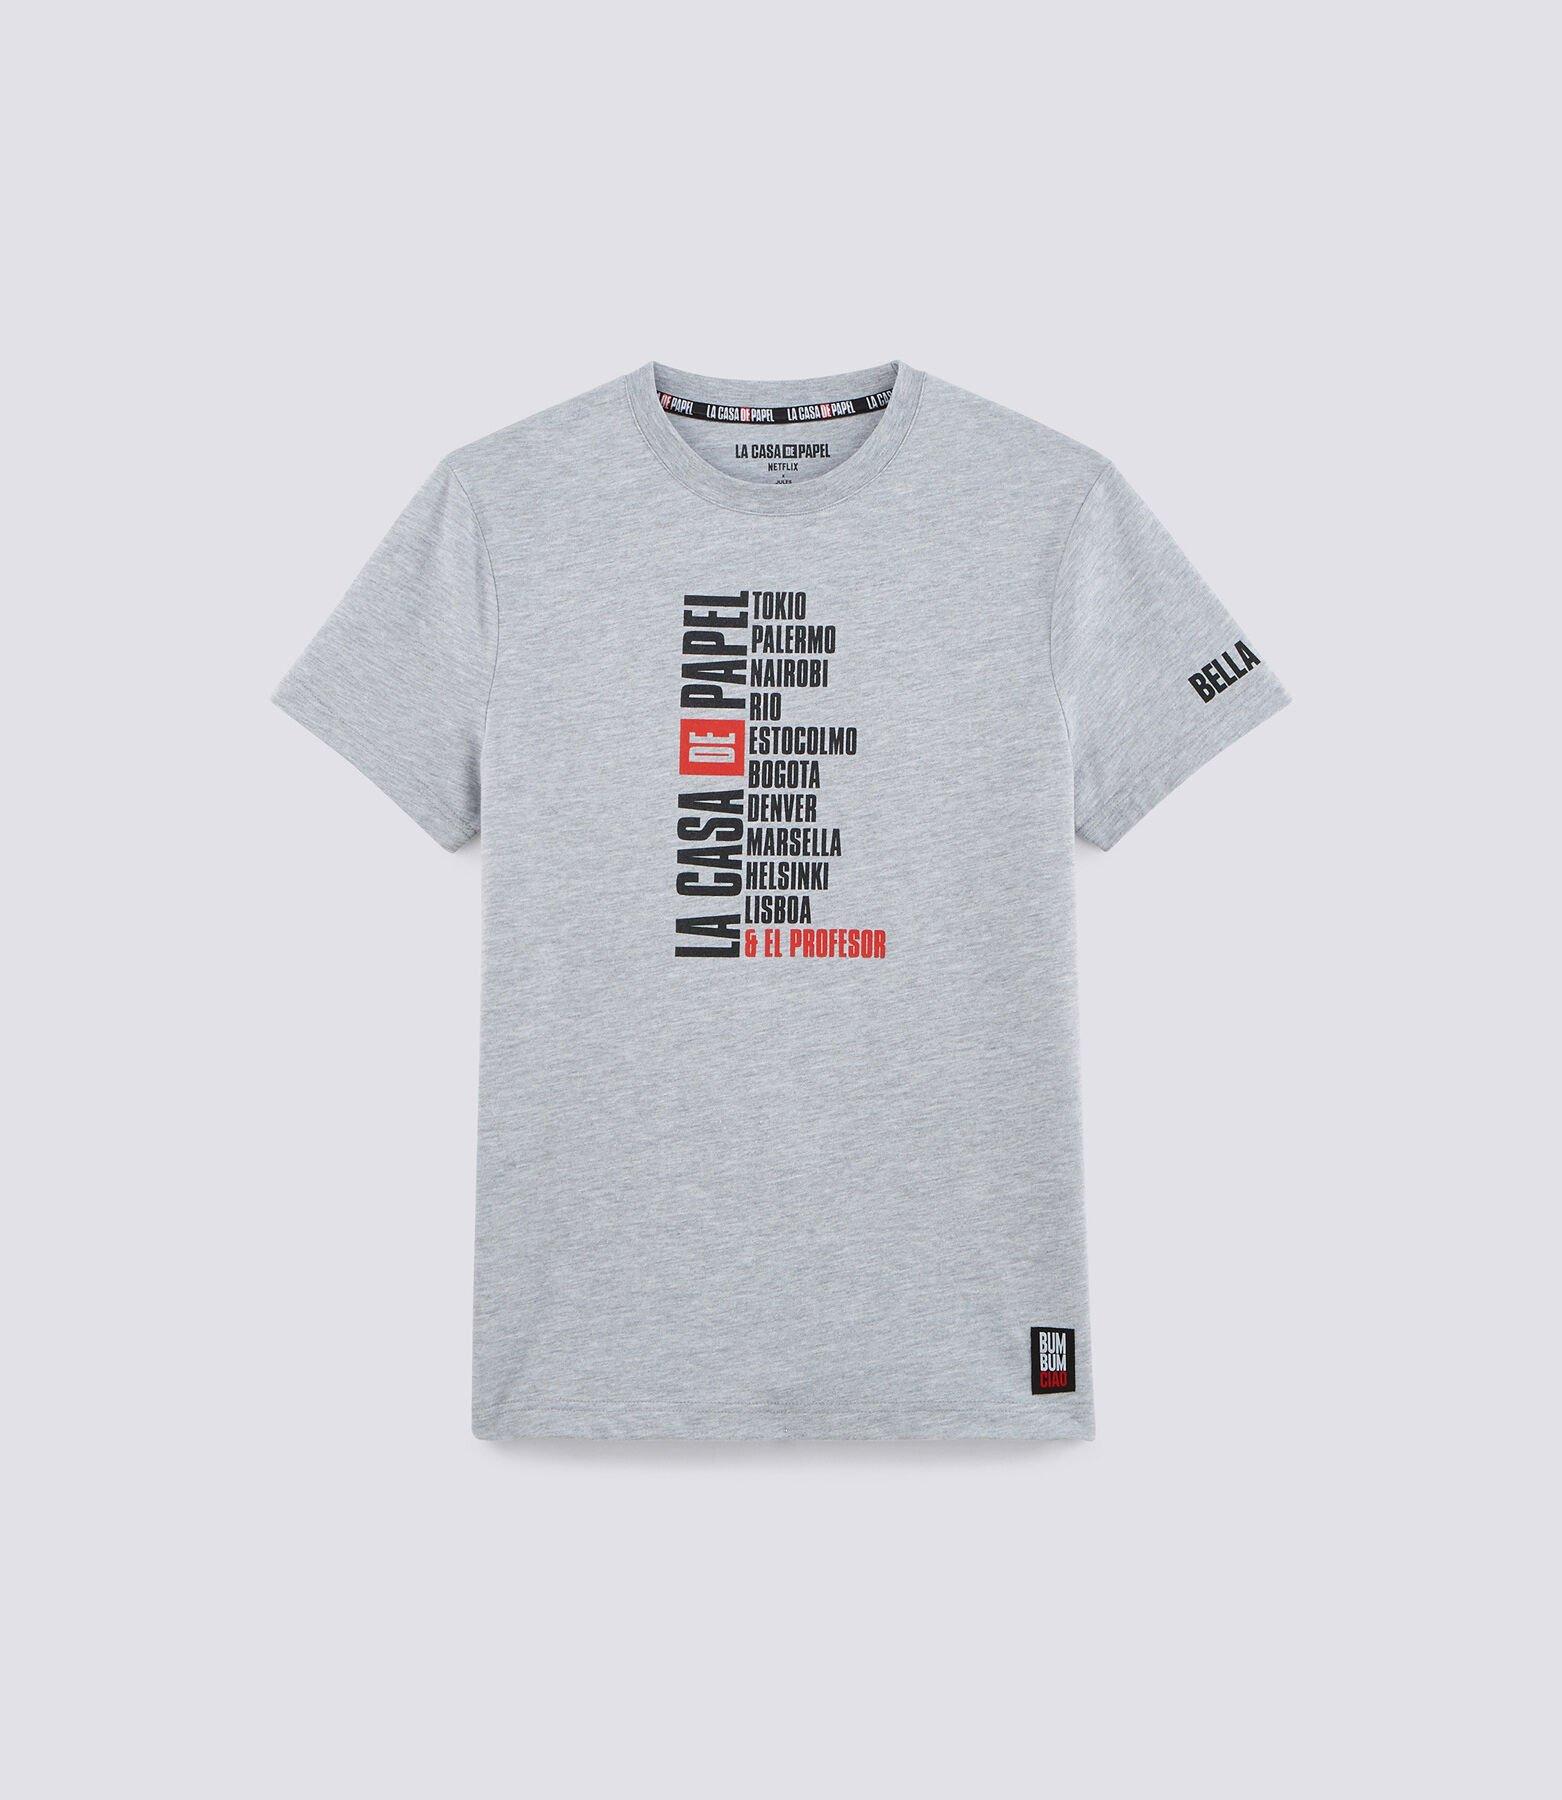 Tshirt gris NETFLIX chiné imprimé noms personnages